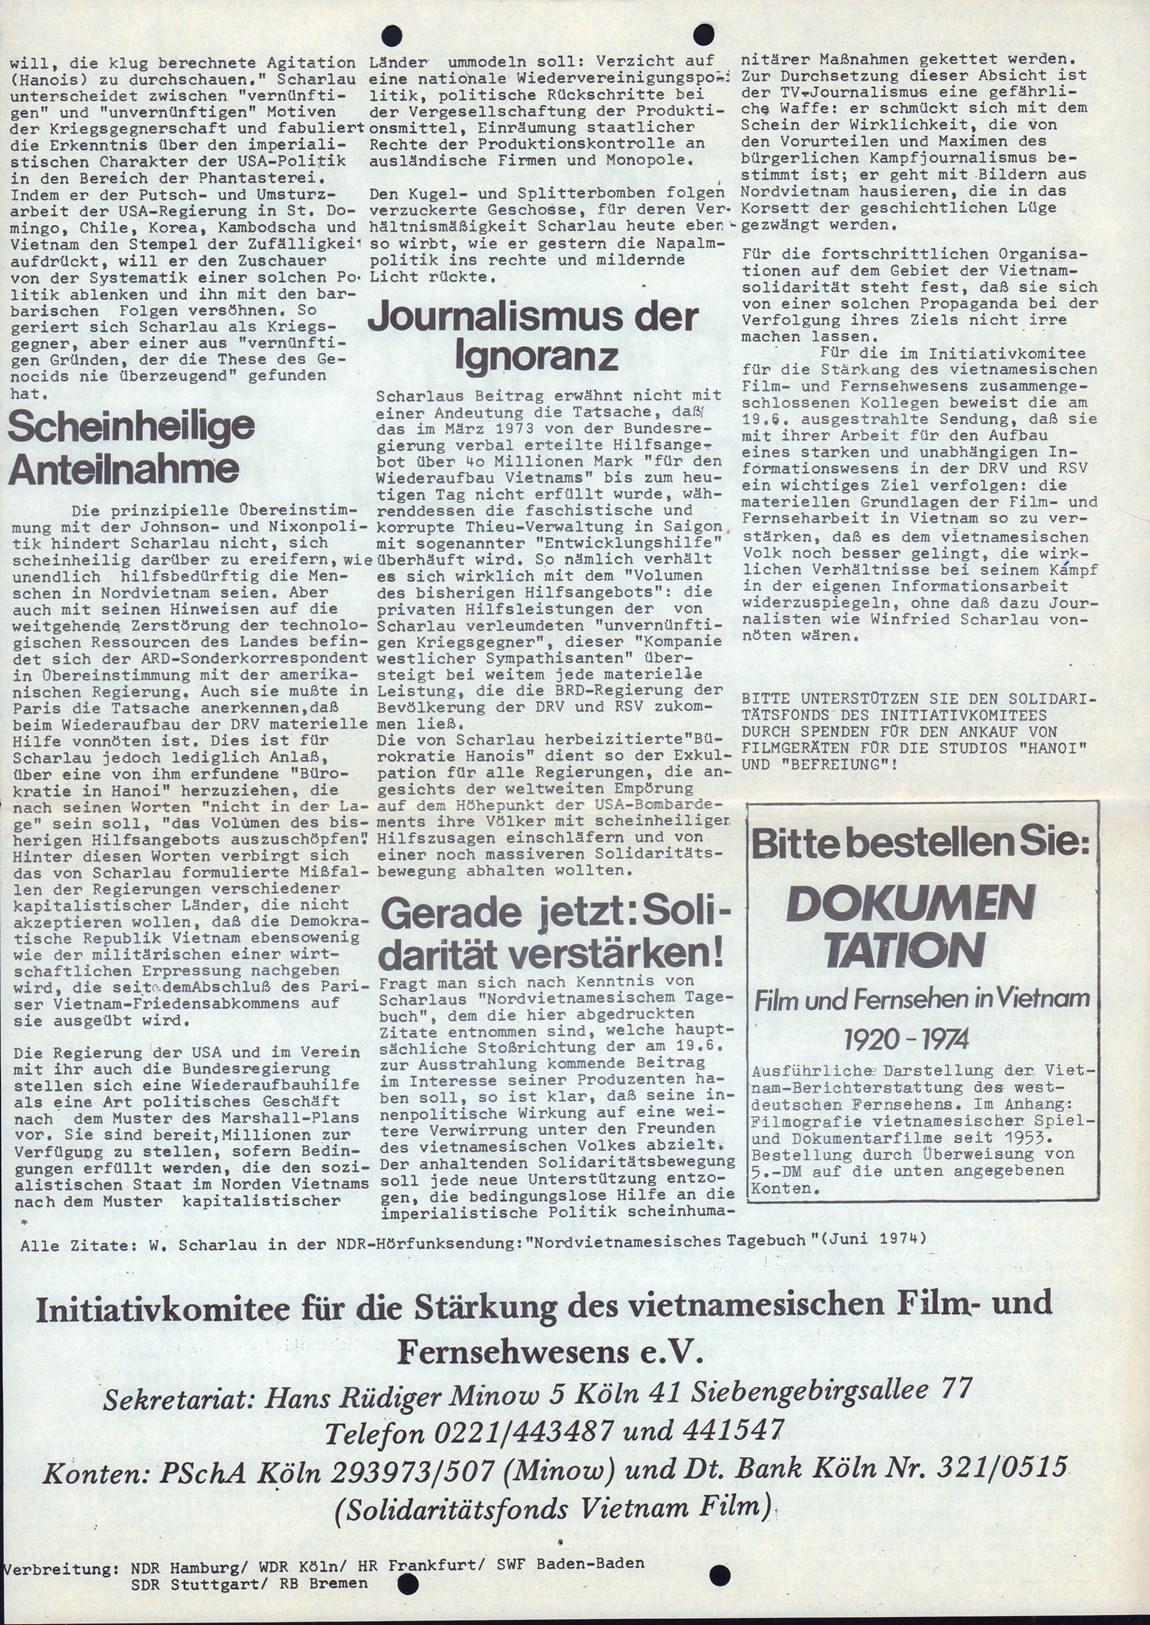 IK_Filmwesen_Bulletin_19740600_011_002